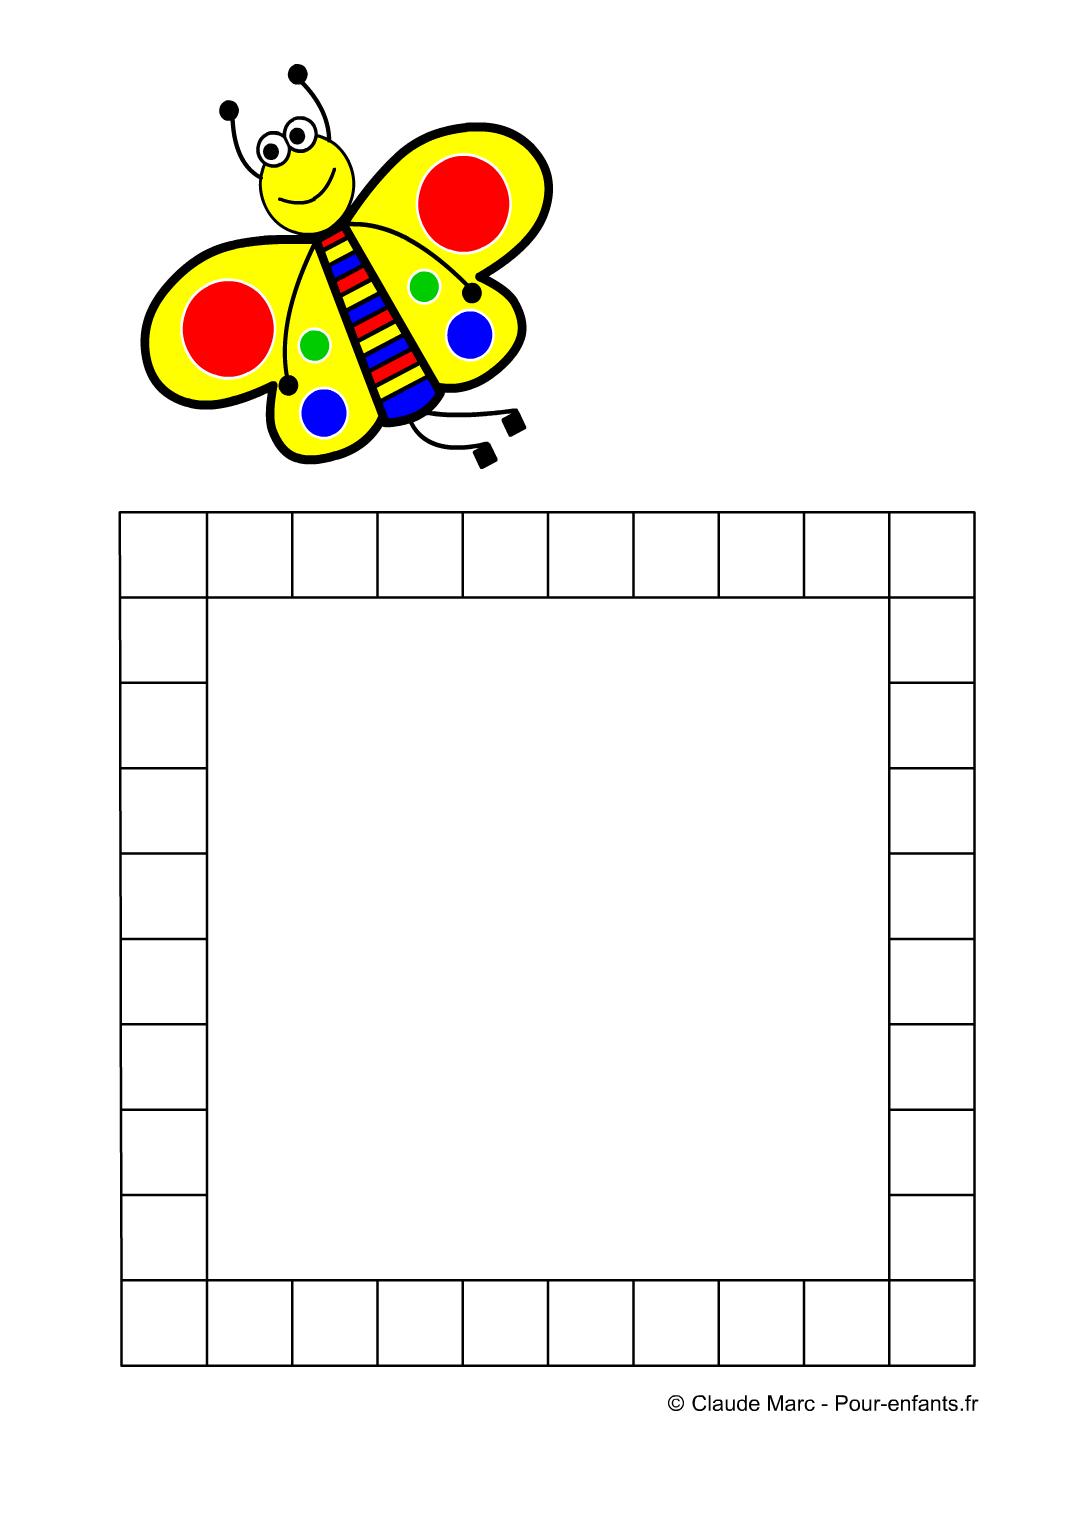 Frise Maternelle | Jeux A Imprimer Fiches De Frises pour Activités Moyenne Section Maternelle À Imprimer